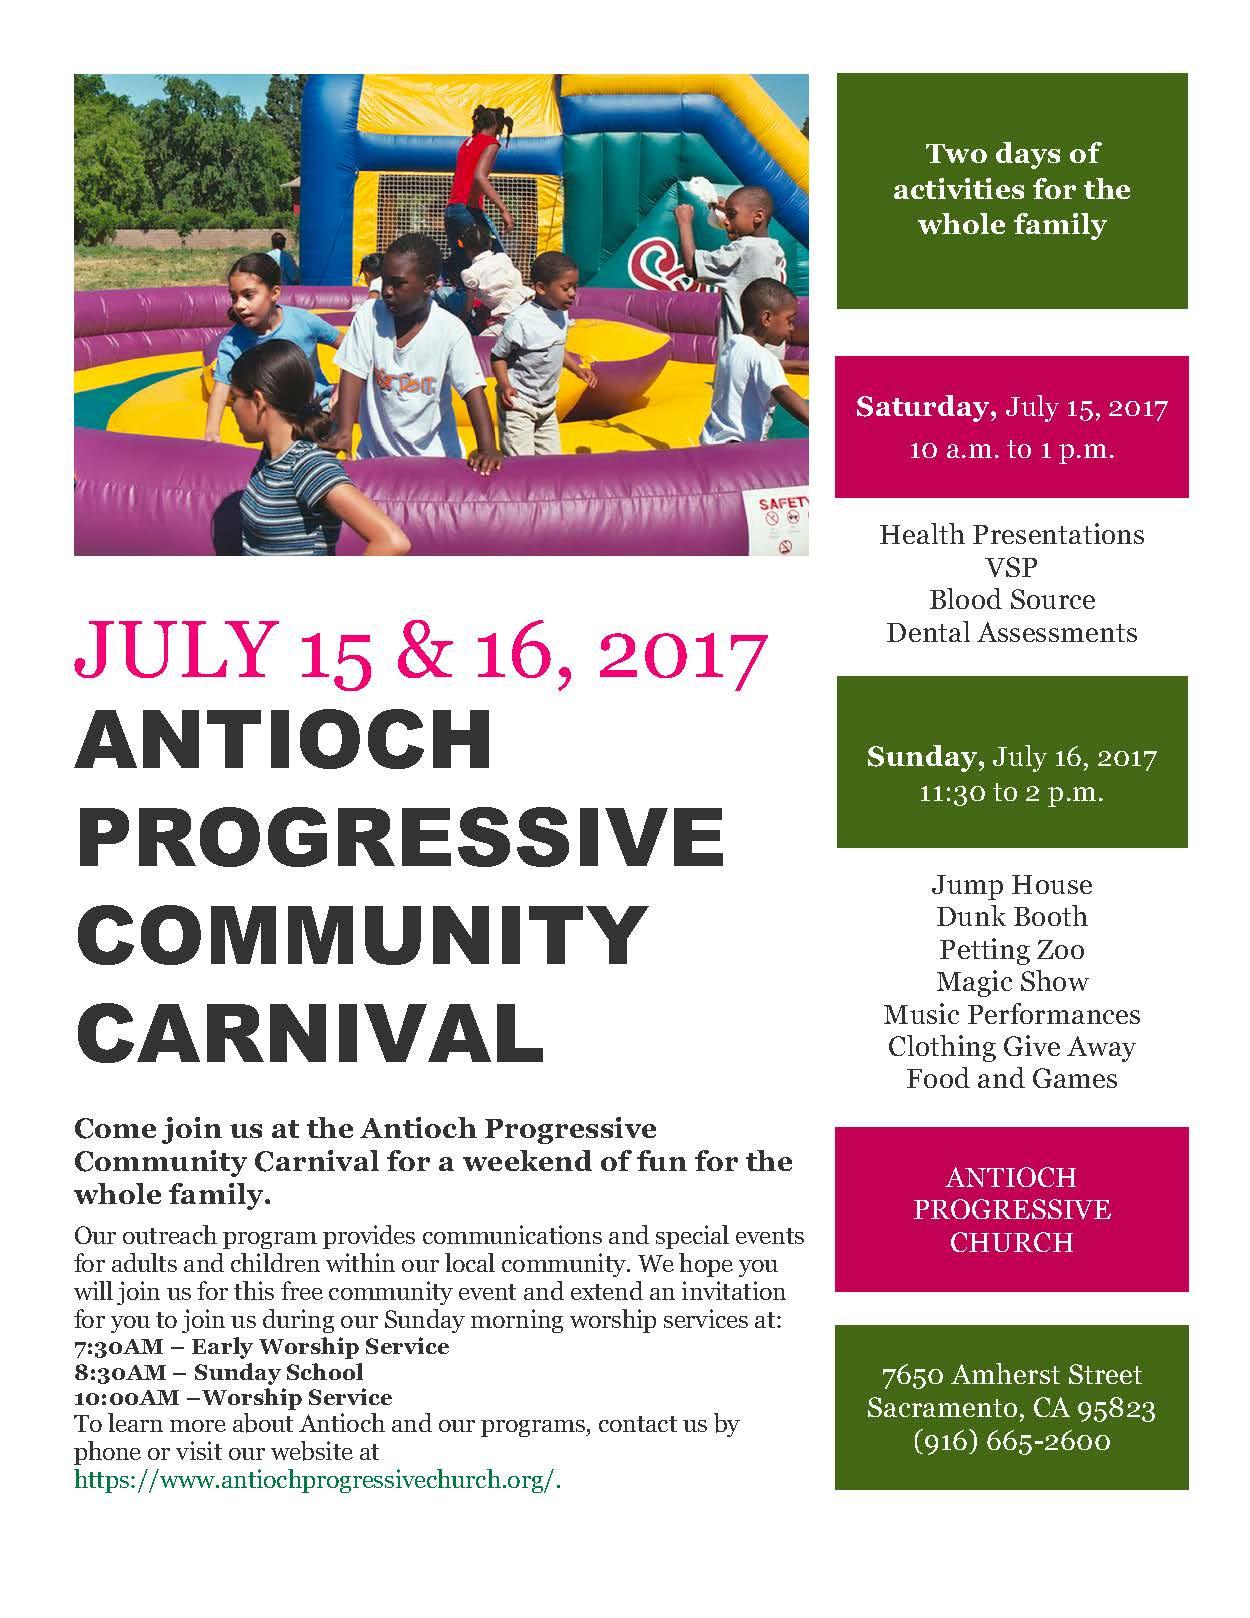 antioch community carnival